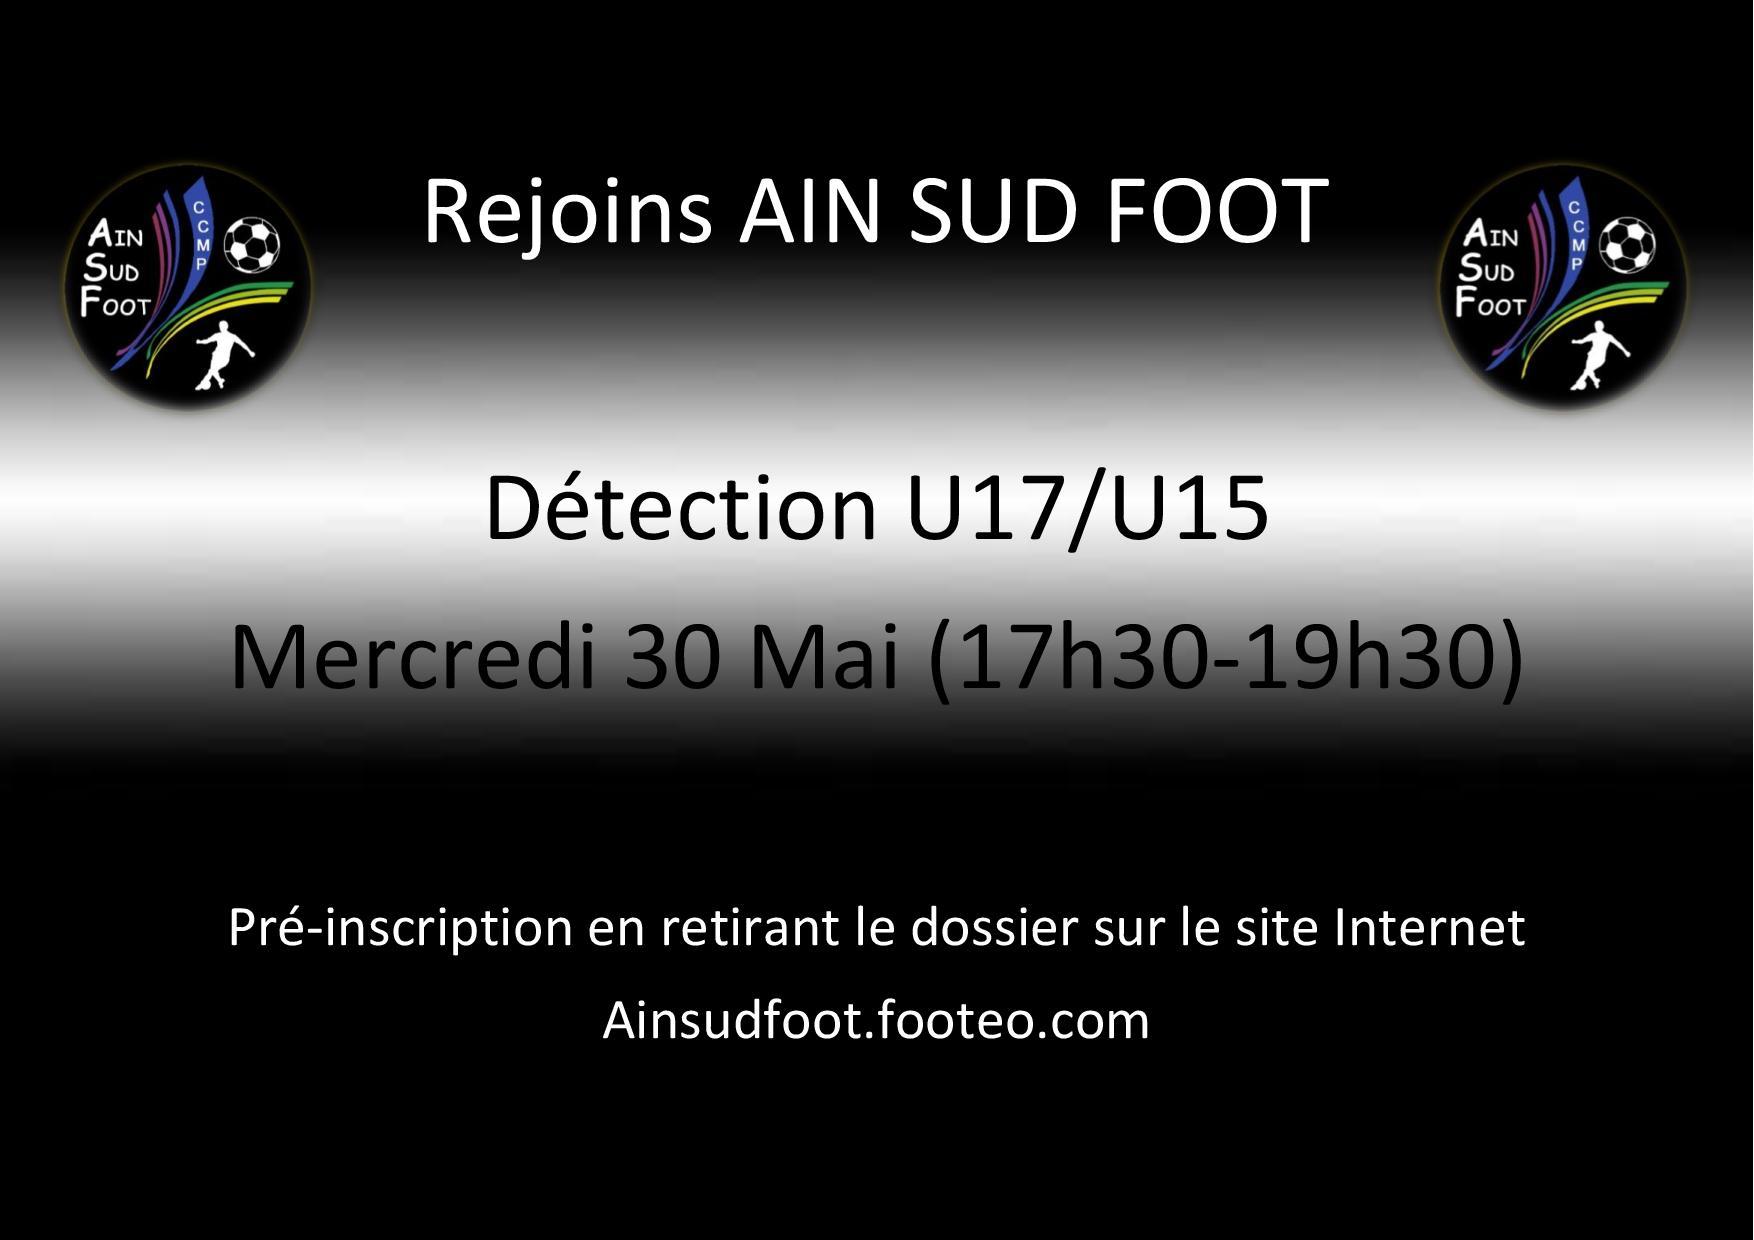 Détection Ain sud foot